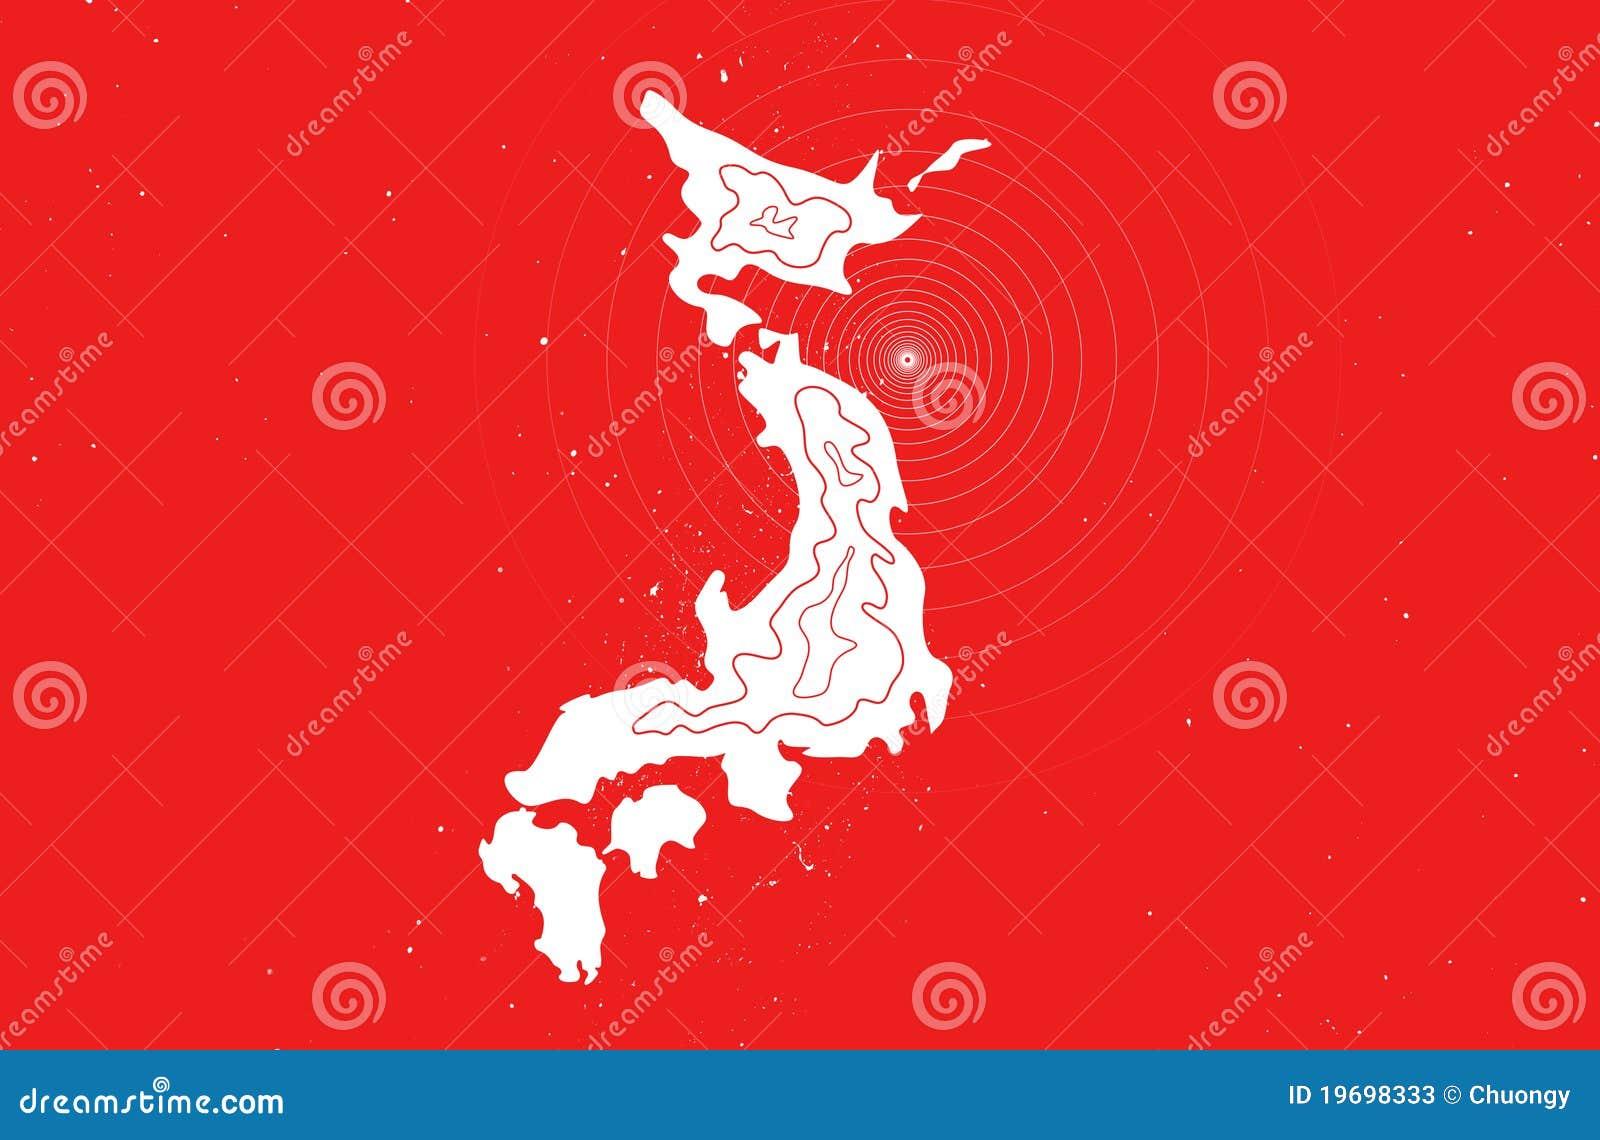 Desastre del terremoto de Japón en 2011